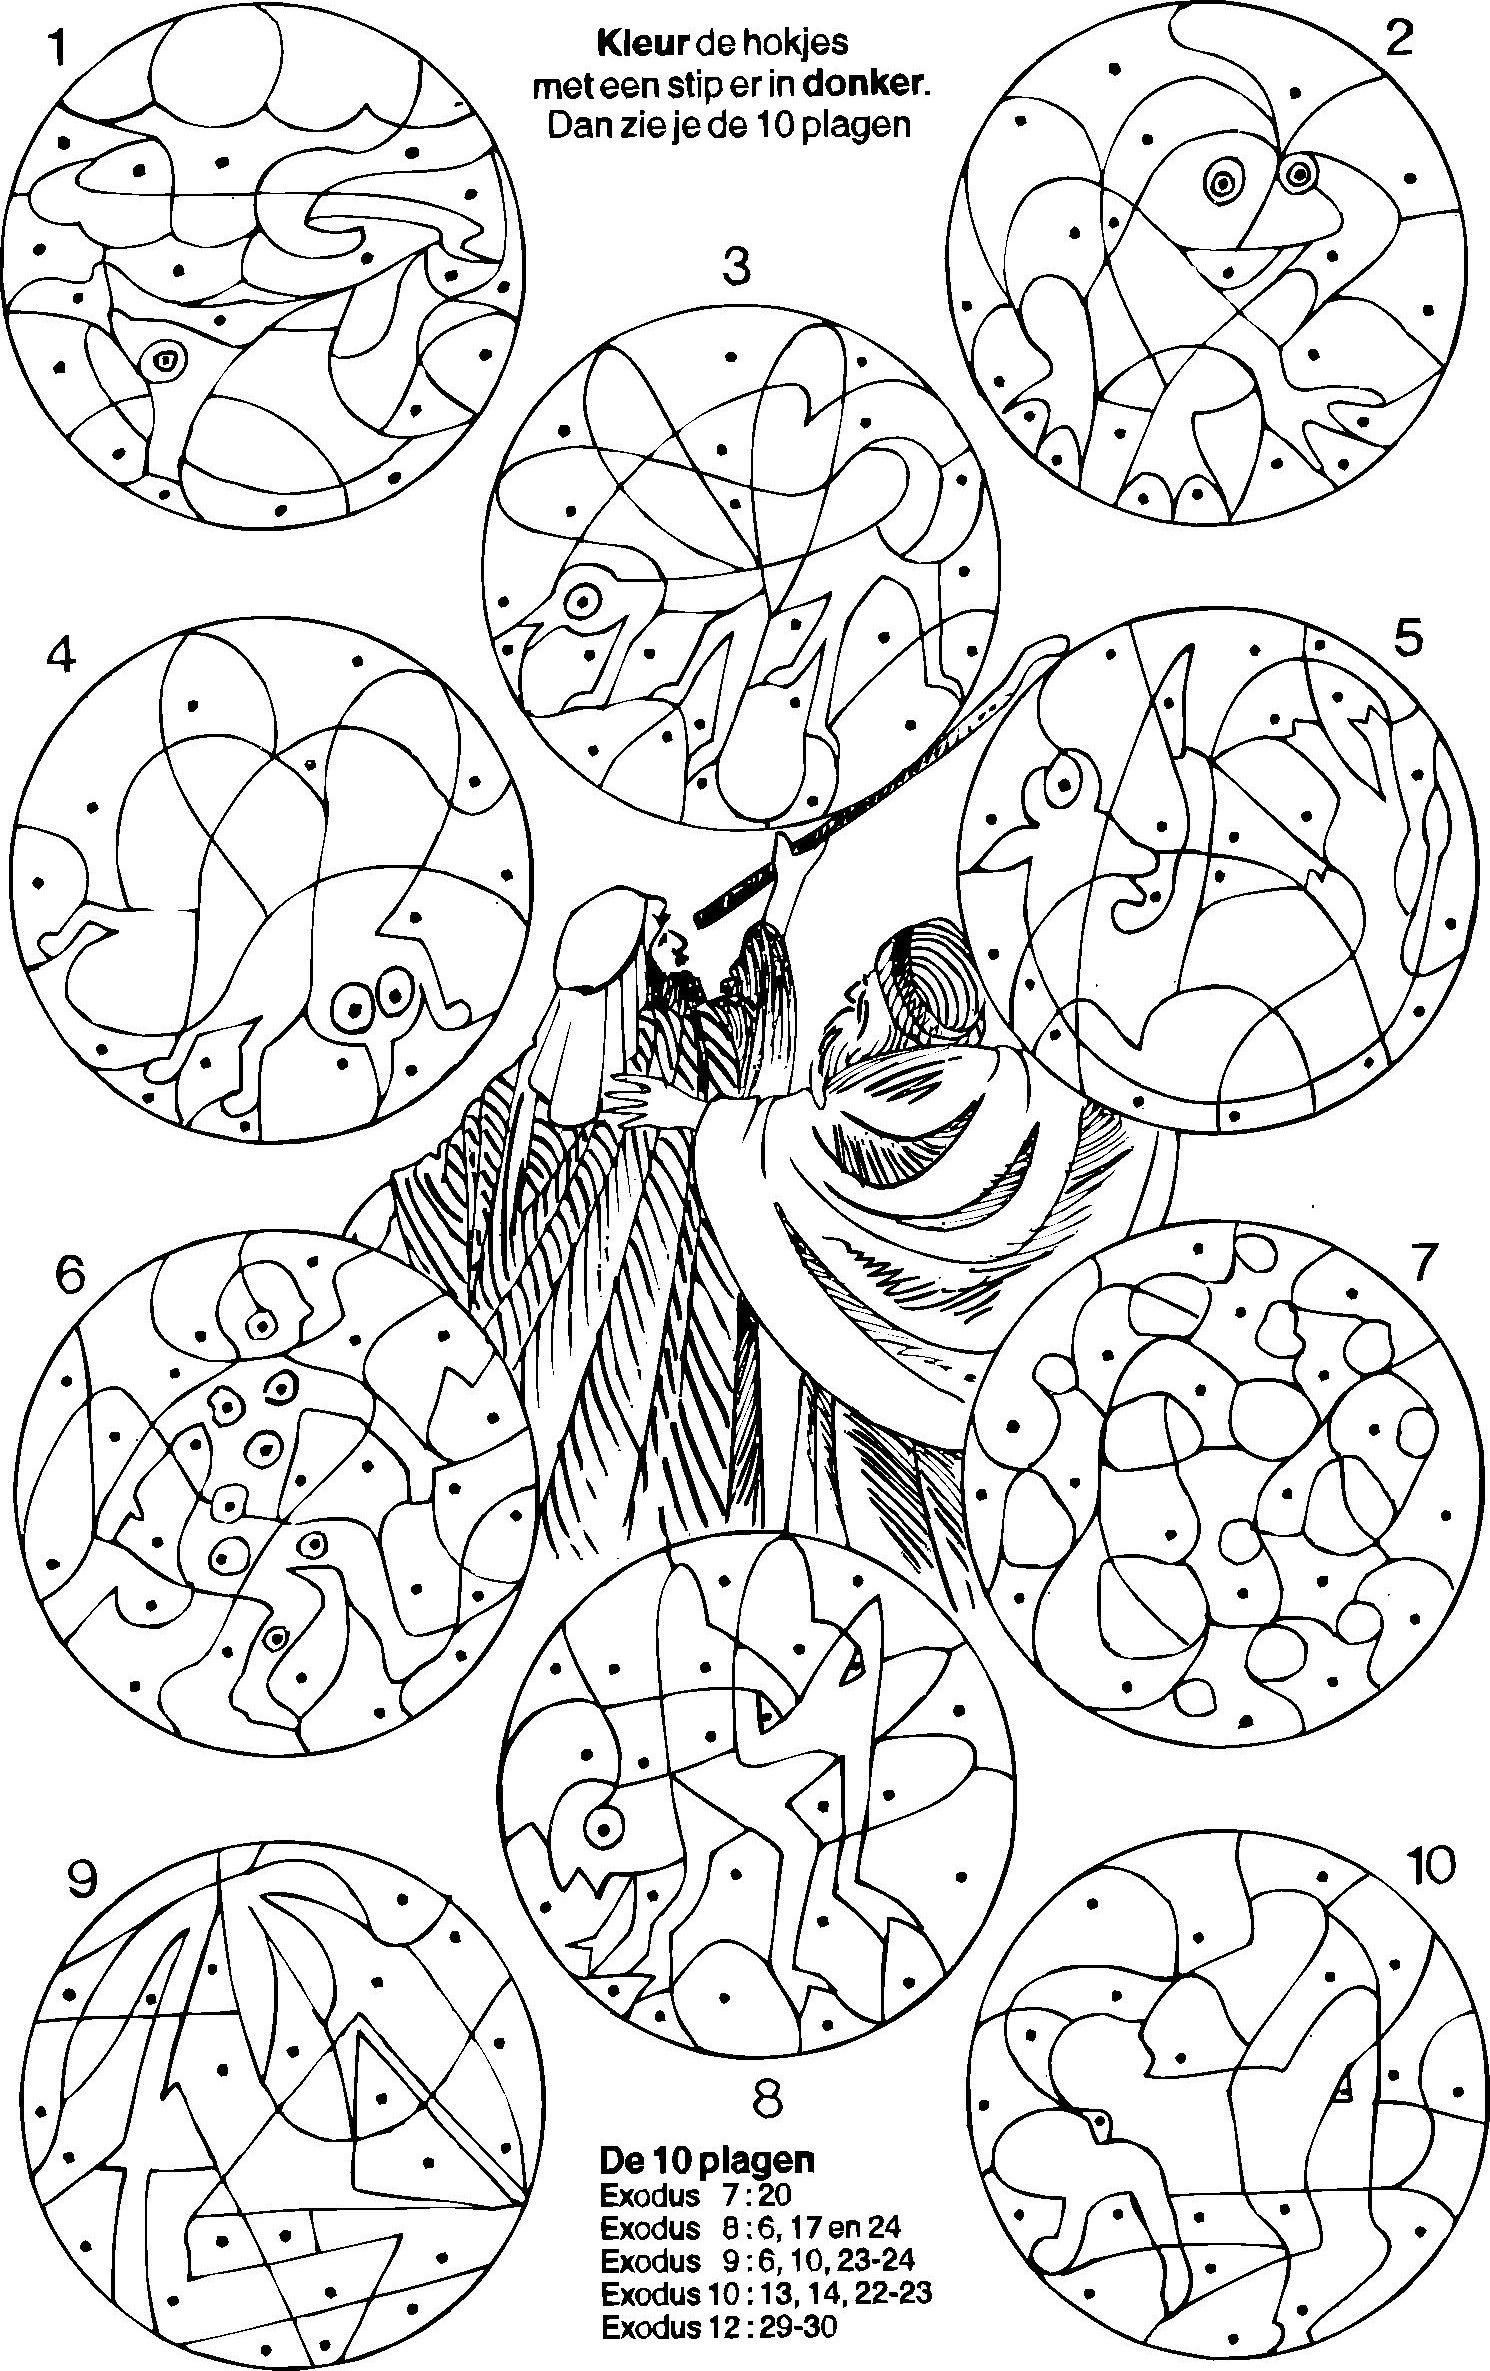 Mozes 10 Plagen Kleur De Vakjes Met Een Stip Moses 10 Plagues Color The Areas With A Dot